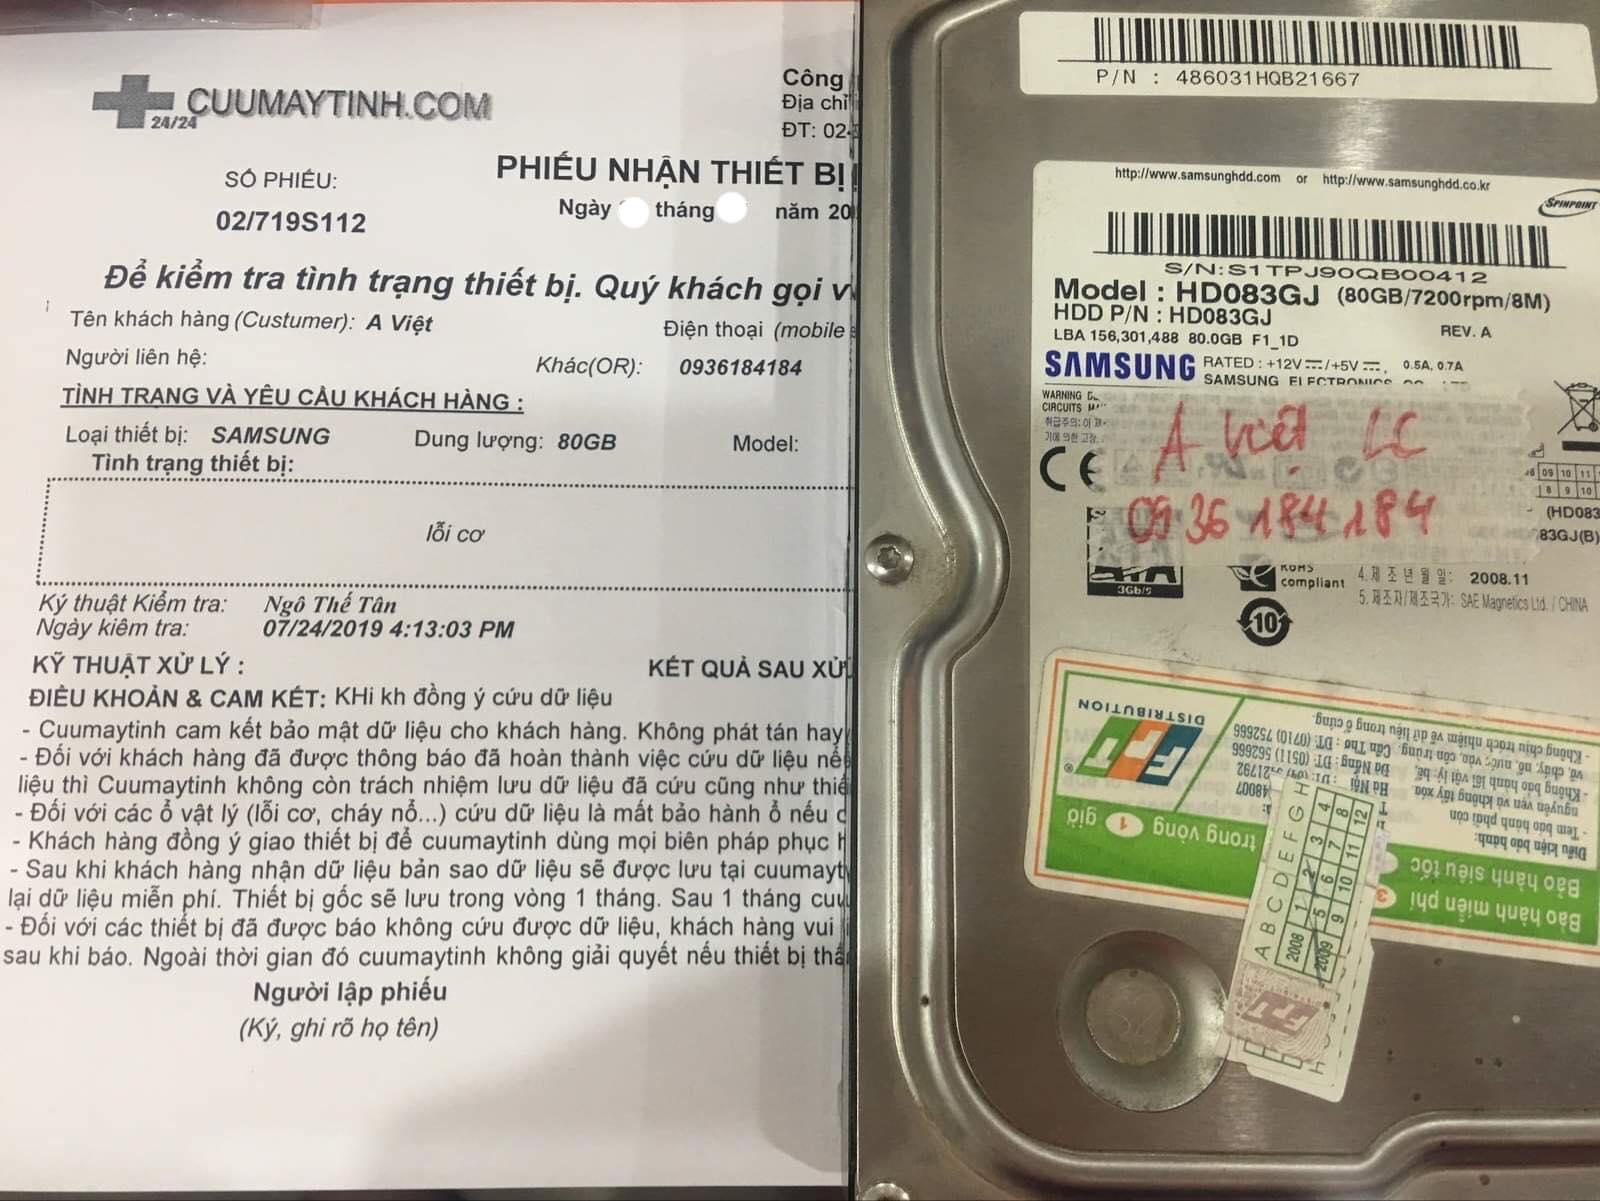 Khôi phục dữ liệu ổ cứng Samsung 80GB lỗi cơ 02/08/2019 - cuumaytinh